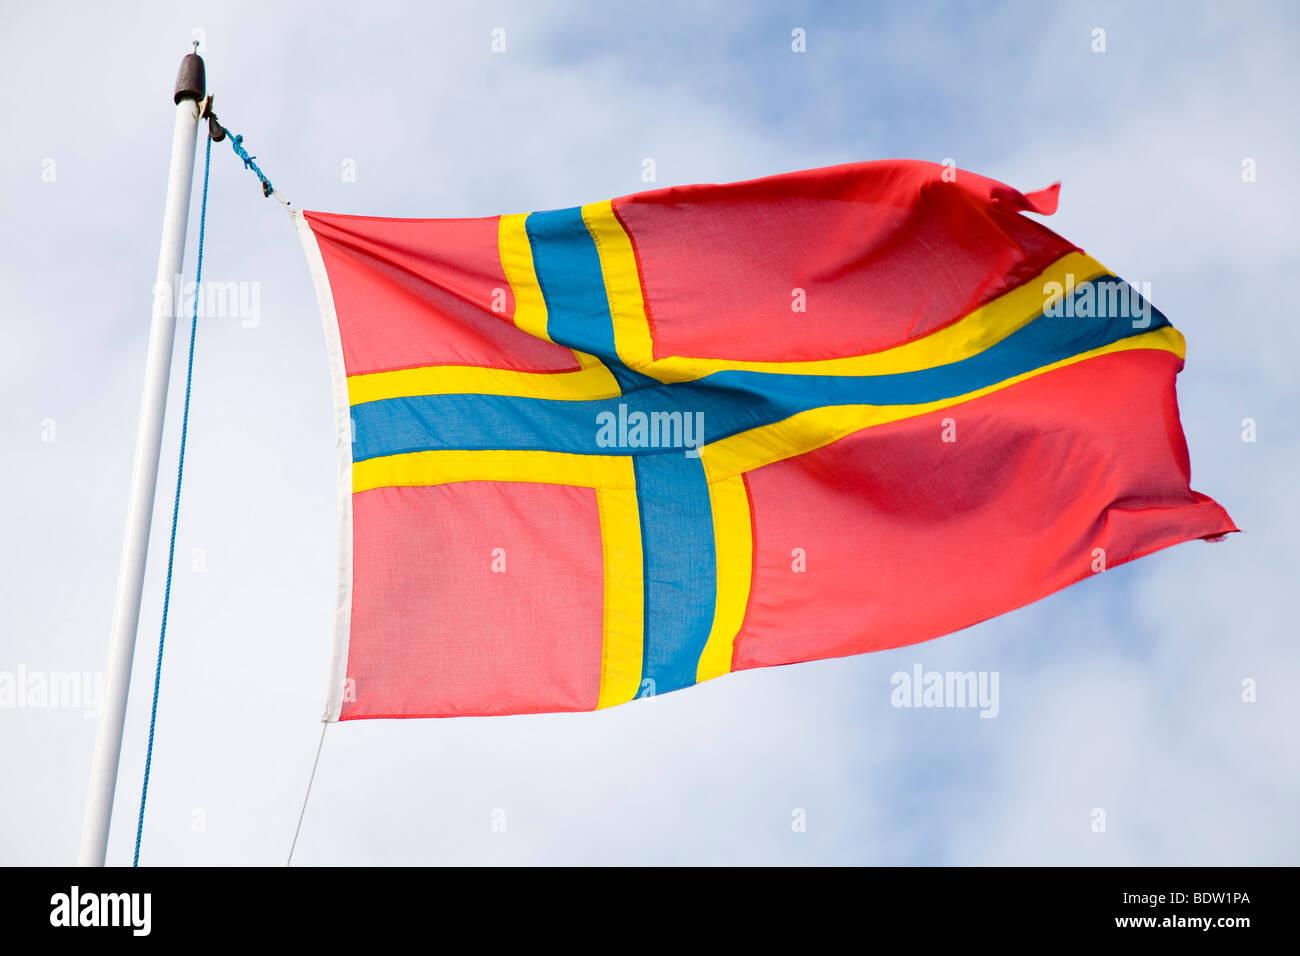 Flagge der Orkney-Inseln Weht Im Wind, die Nationalflagge der Orkney-Inseln, Orkney Inseln, Schottland Stockbild